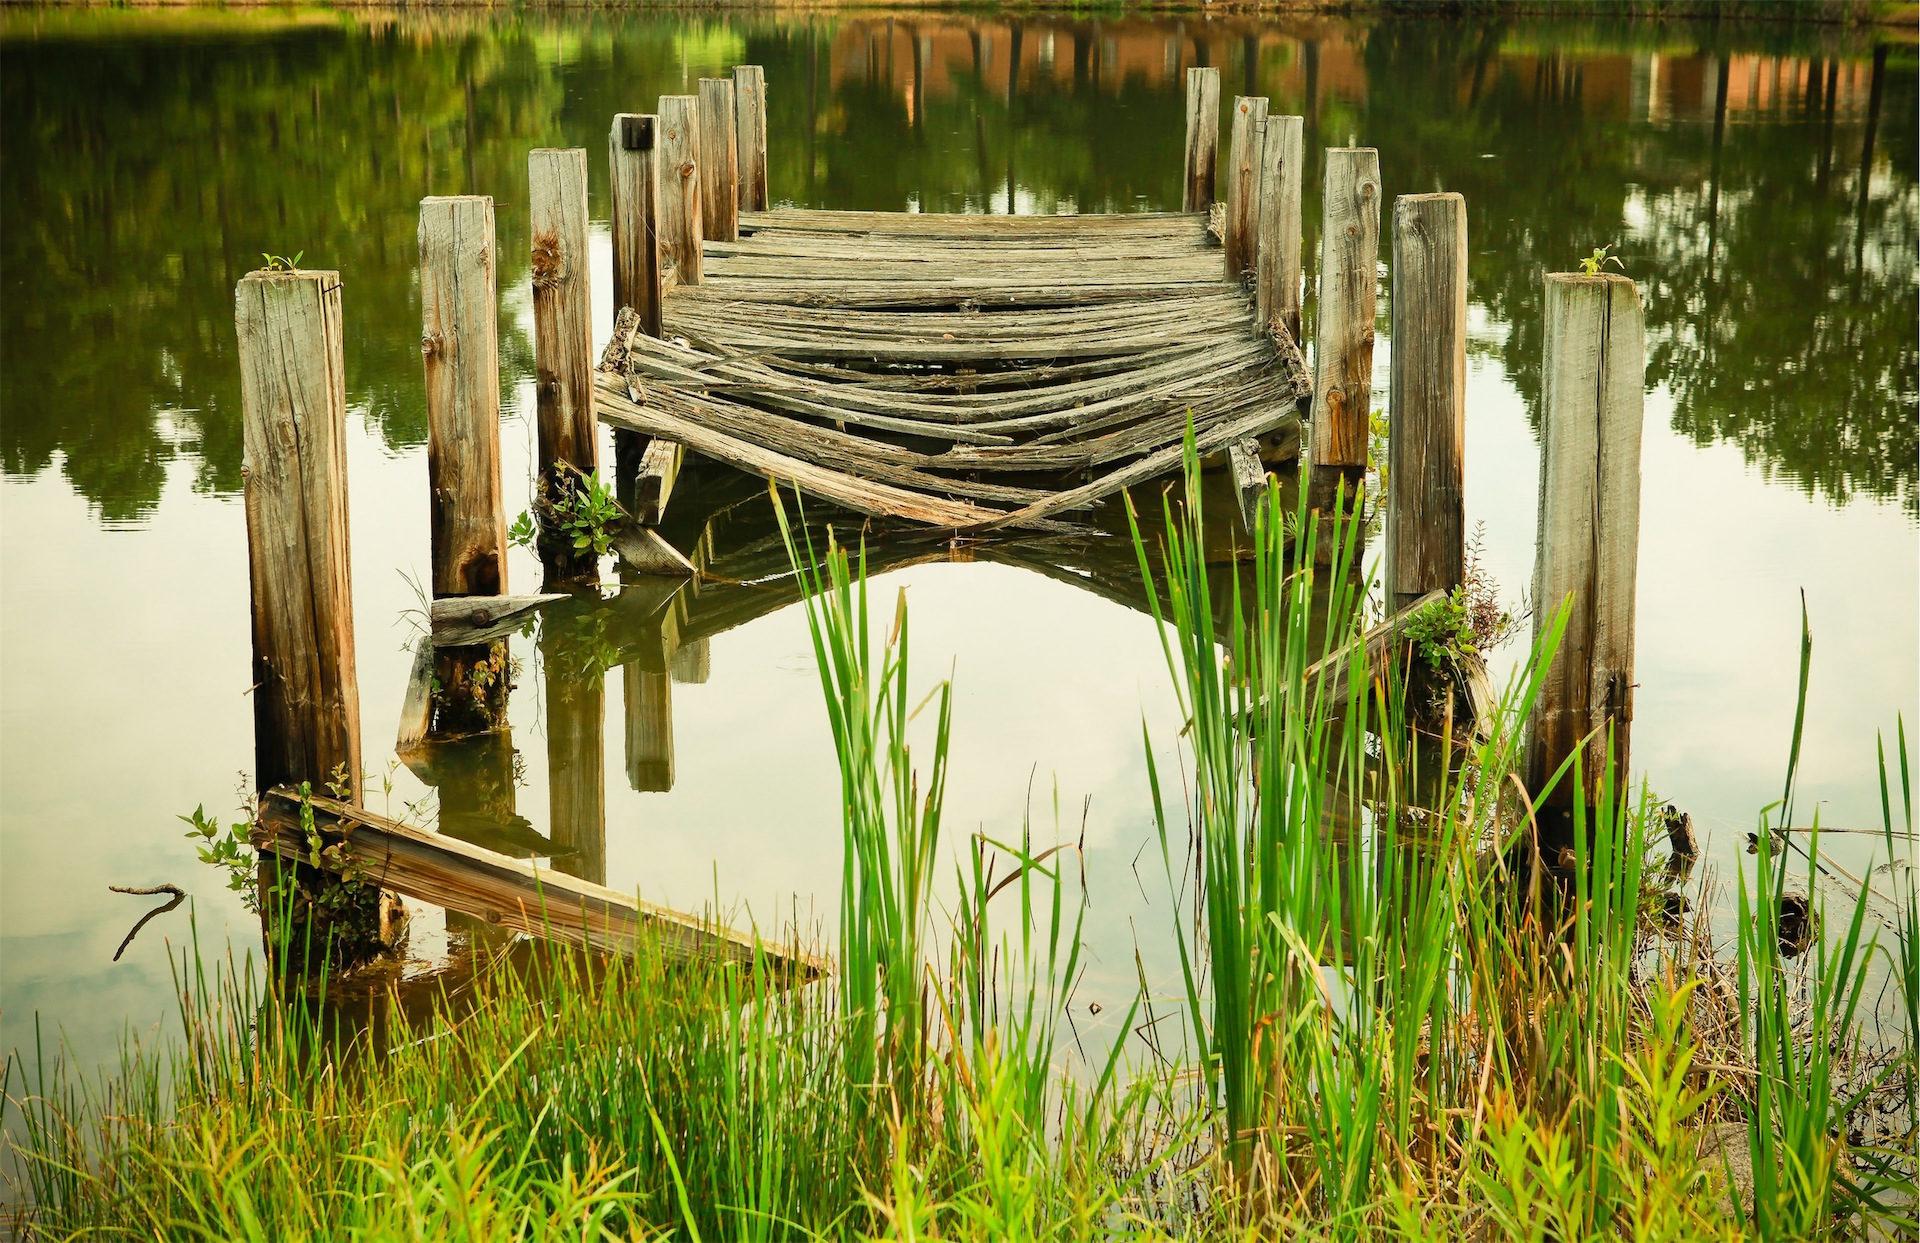 γέφυρα, παλιά, σπασμένα, Λίμνη, αντανάκλαση - Wallpapers HD - Professor-falken.com